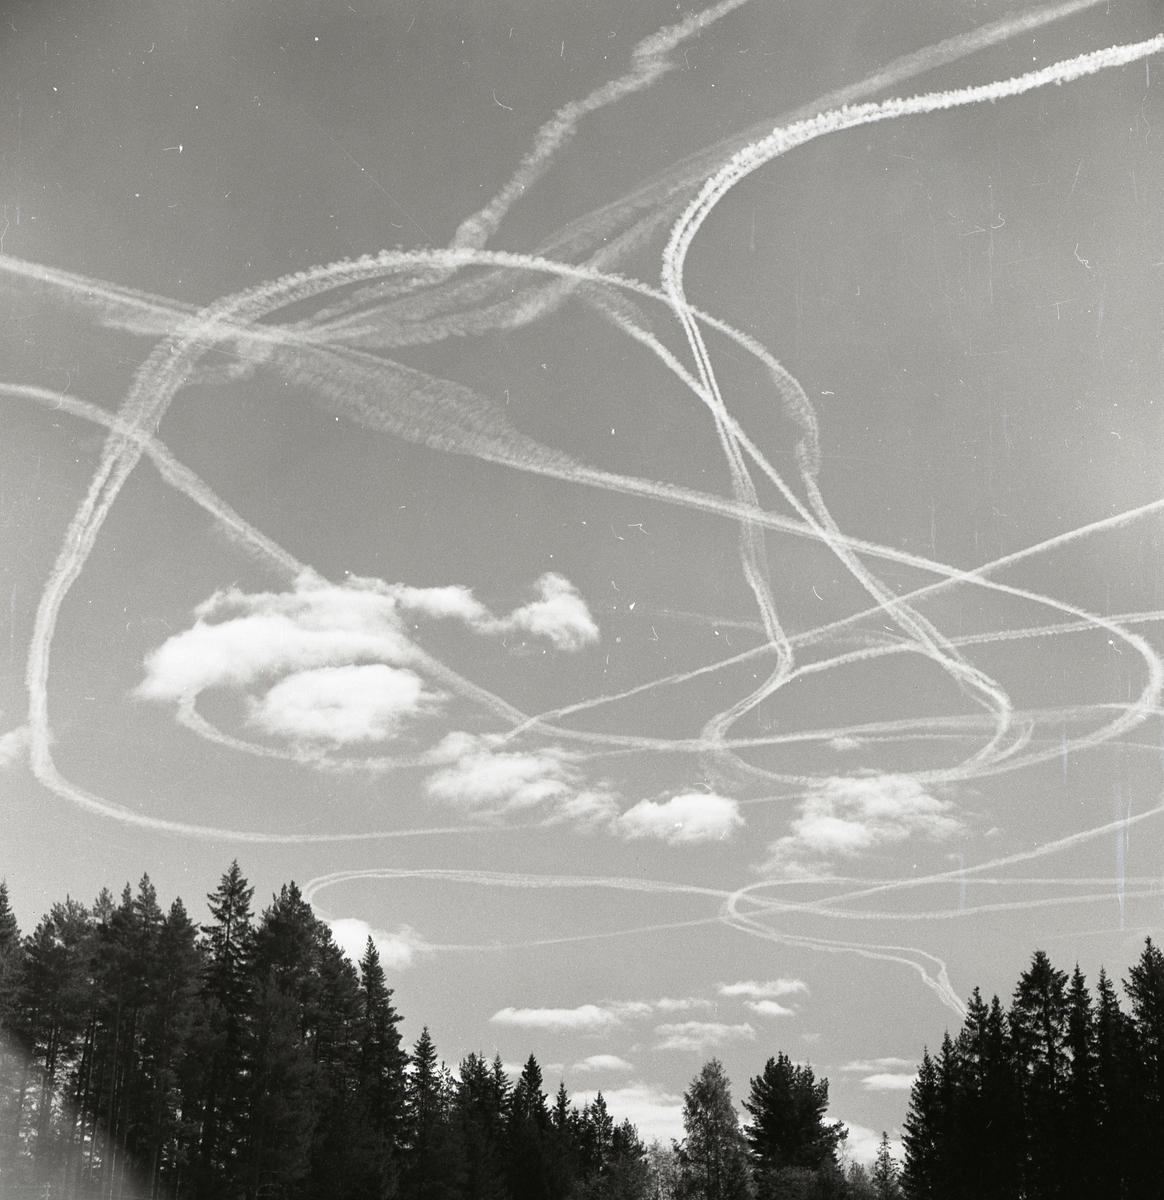 Rök efter ett flygplan på himlen den 19 maj 1959.